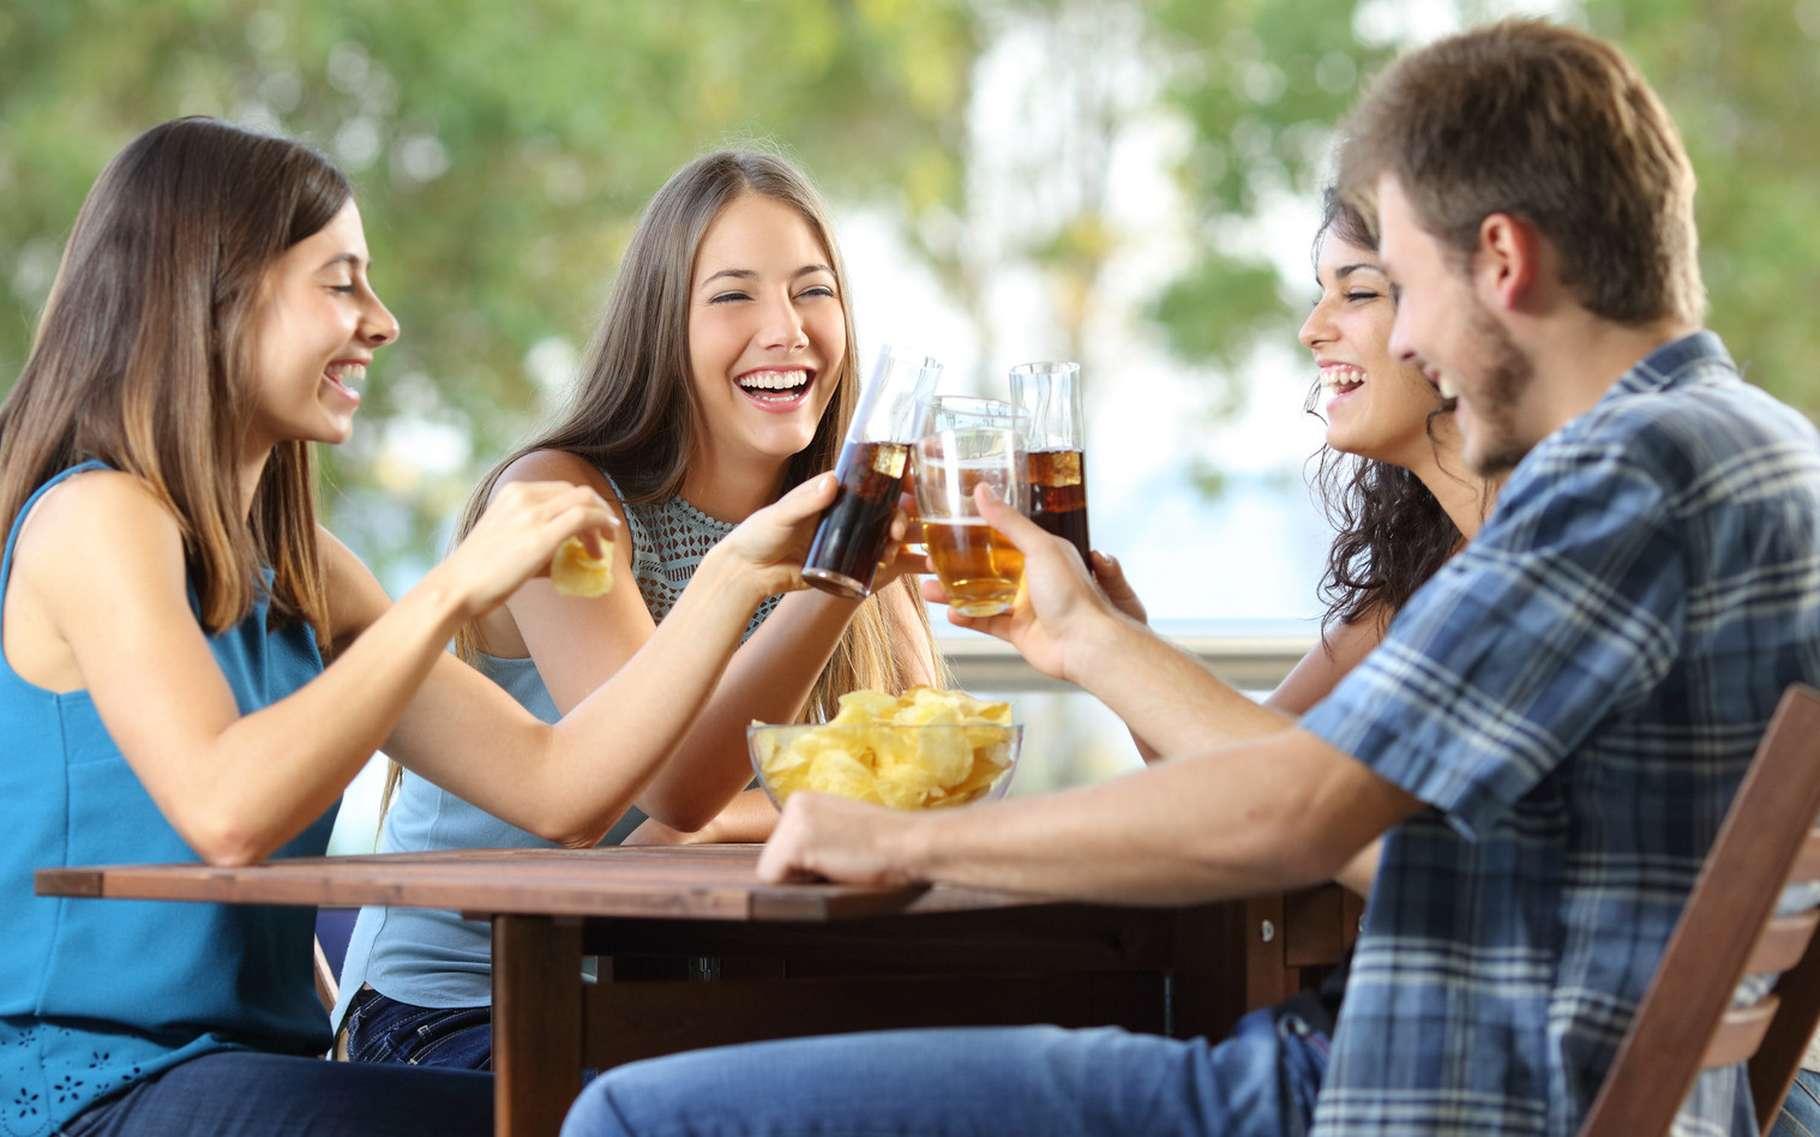 Le foie dégrade l'alcool en sucres, préférez donc des boissons sans alcool pour un apéro convivial mais diététique ! © Antonio Guillem, Shutterstock